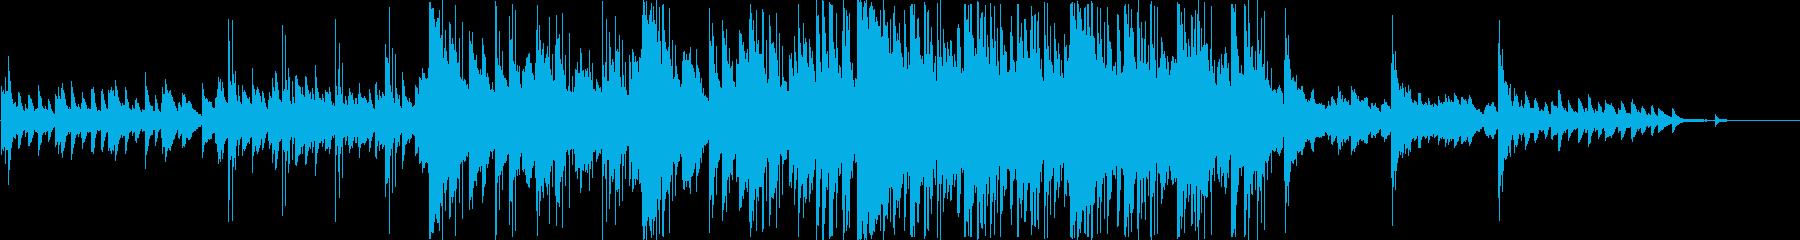 爽やかでどこか切ない夏ピアノの再生済みの波形